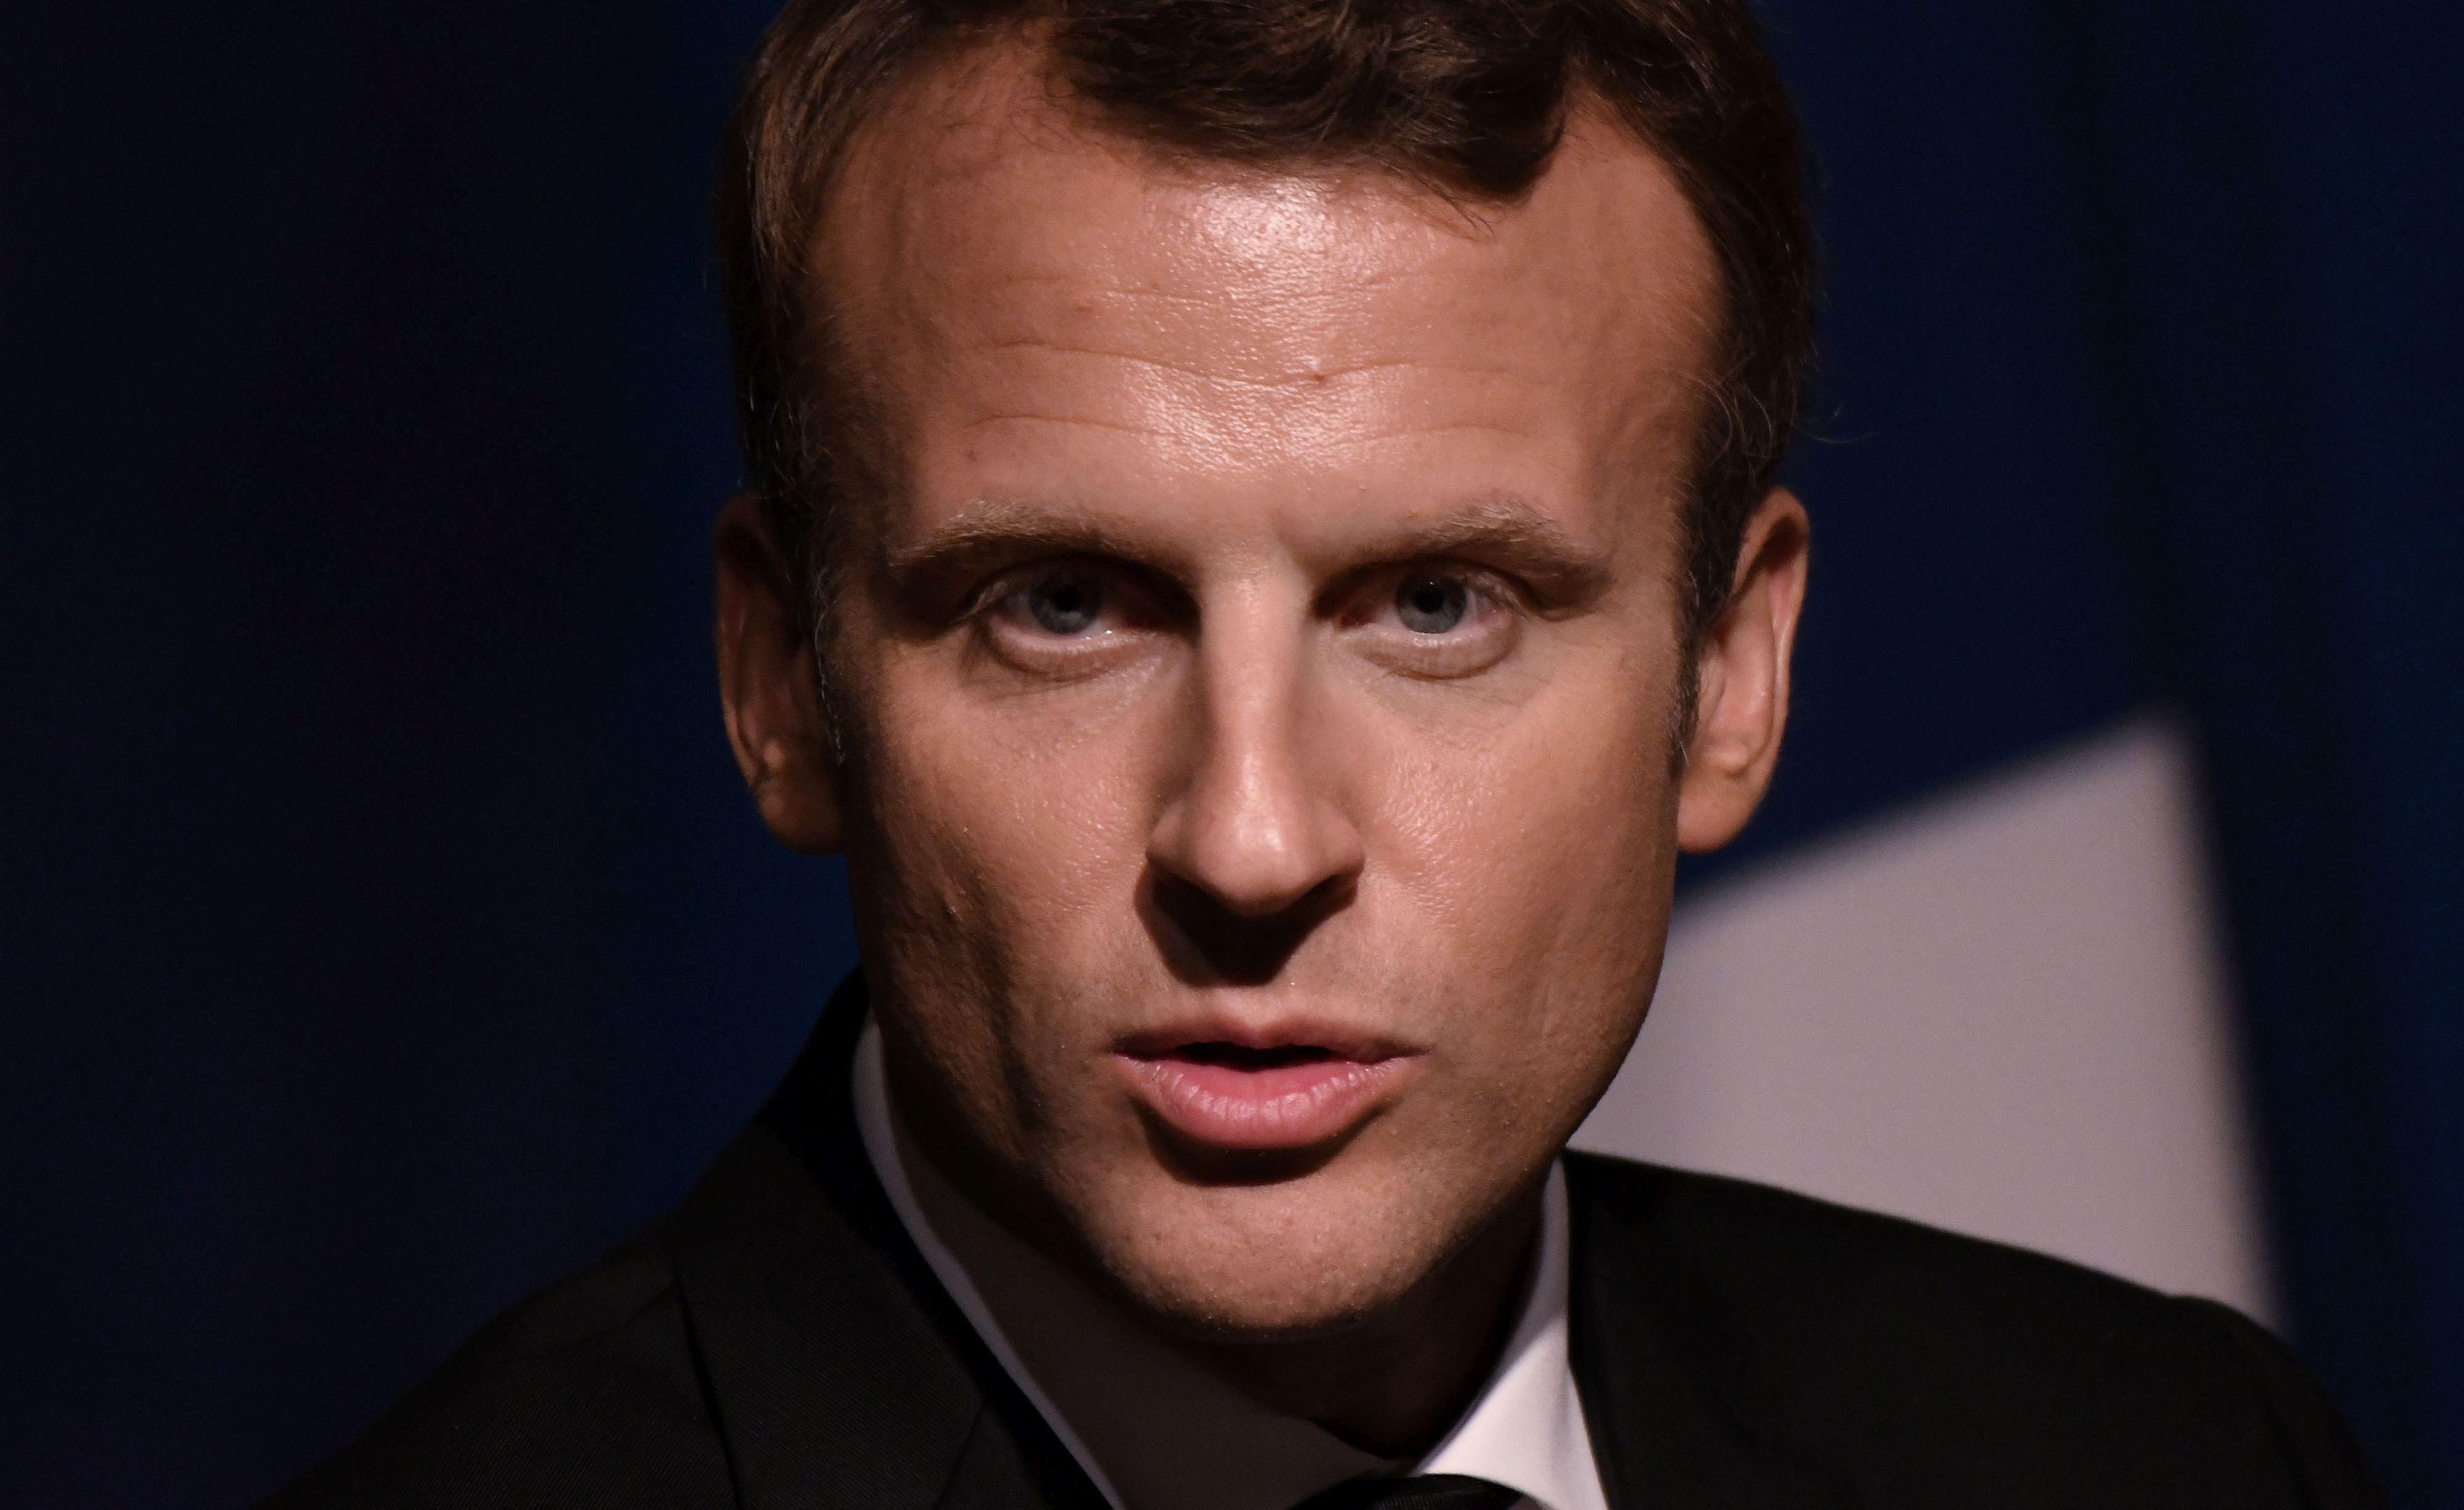 Emmanuel Macron merge în Africa, în contextul crizei privind traficul de fiinţe umane şi licitaţiile de sclavi